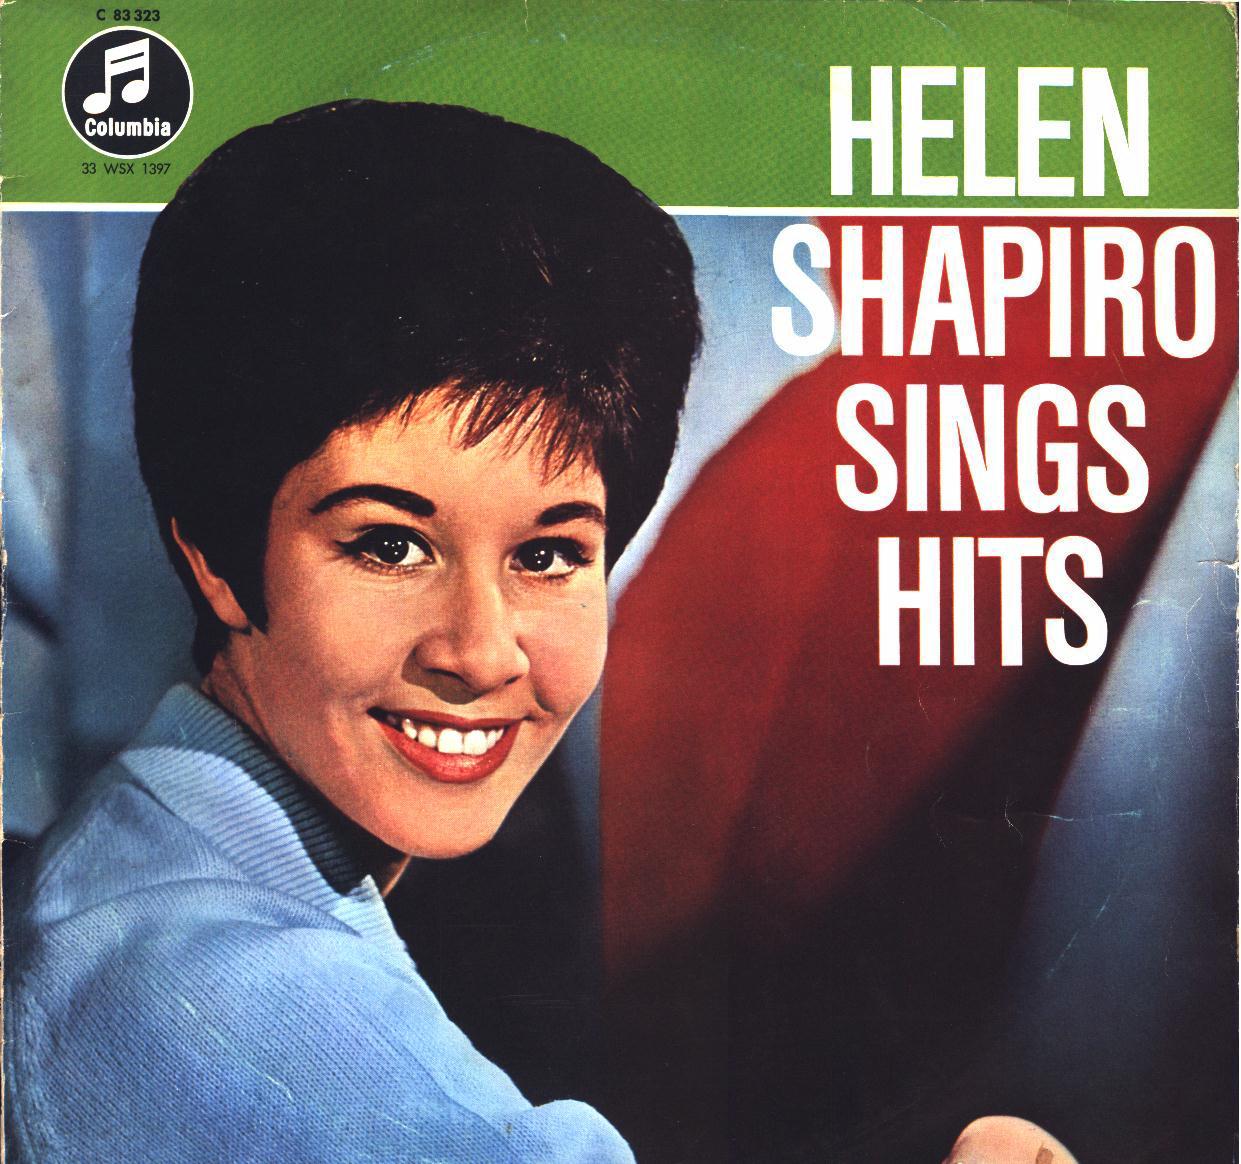 Helen Shapiro The Helen Shapiro Music Index